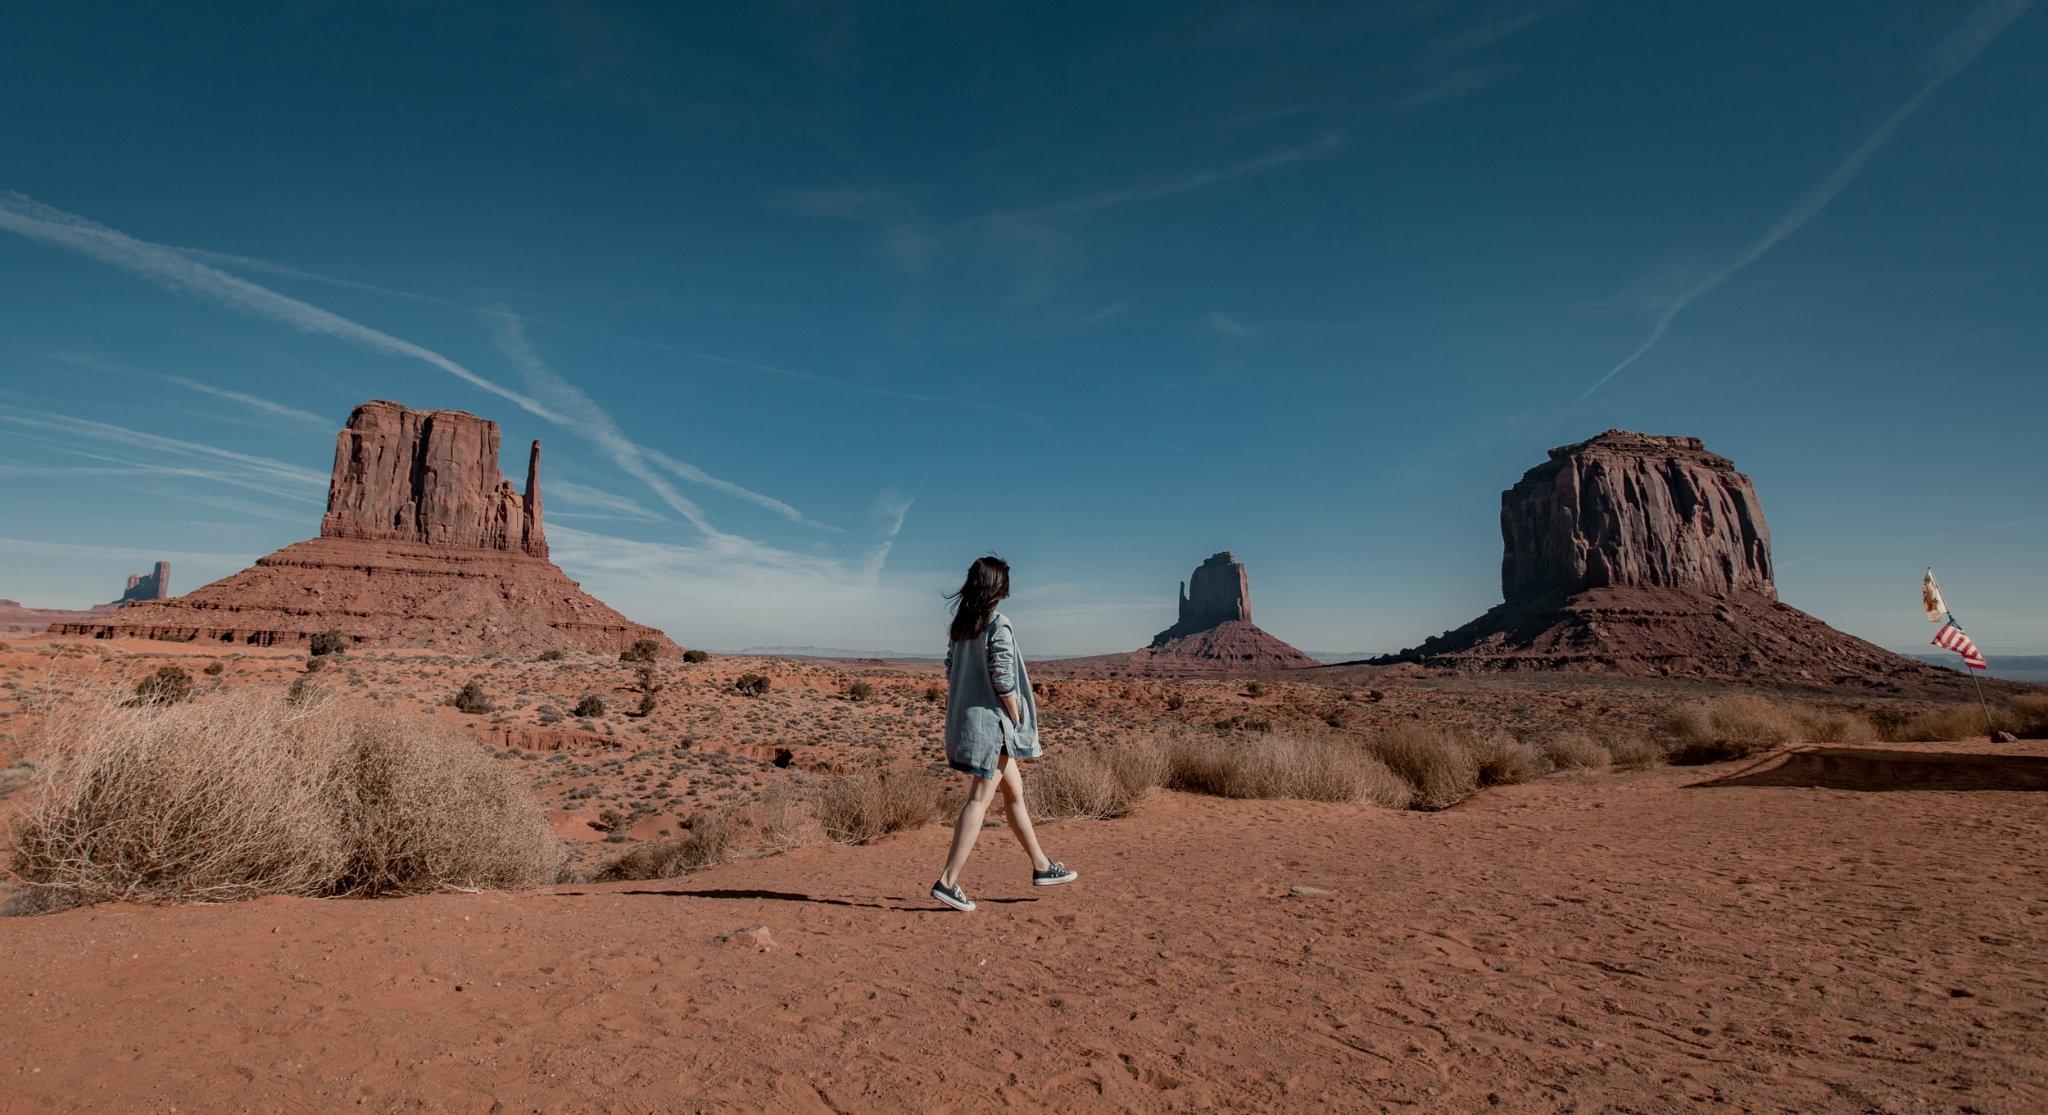 彼岸无声,散聚星尘 走进西部世界·美国独行自驾5000公里